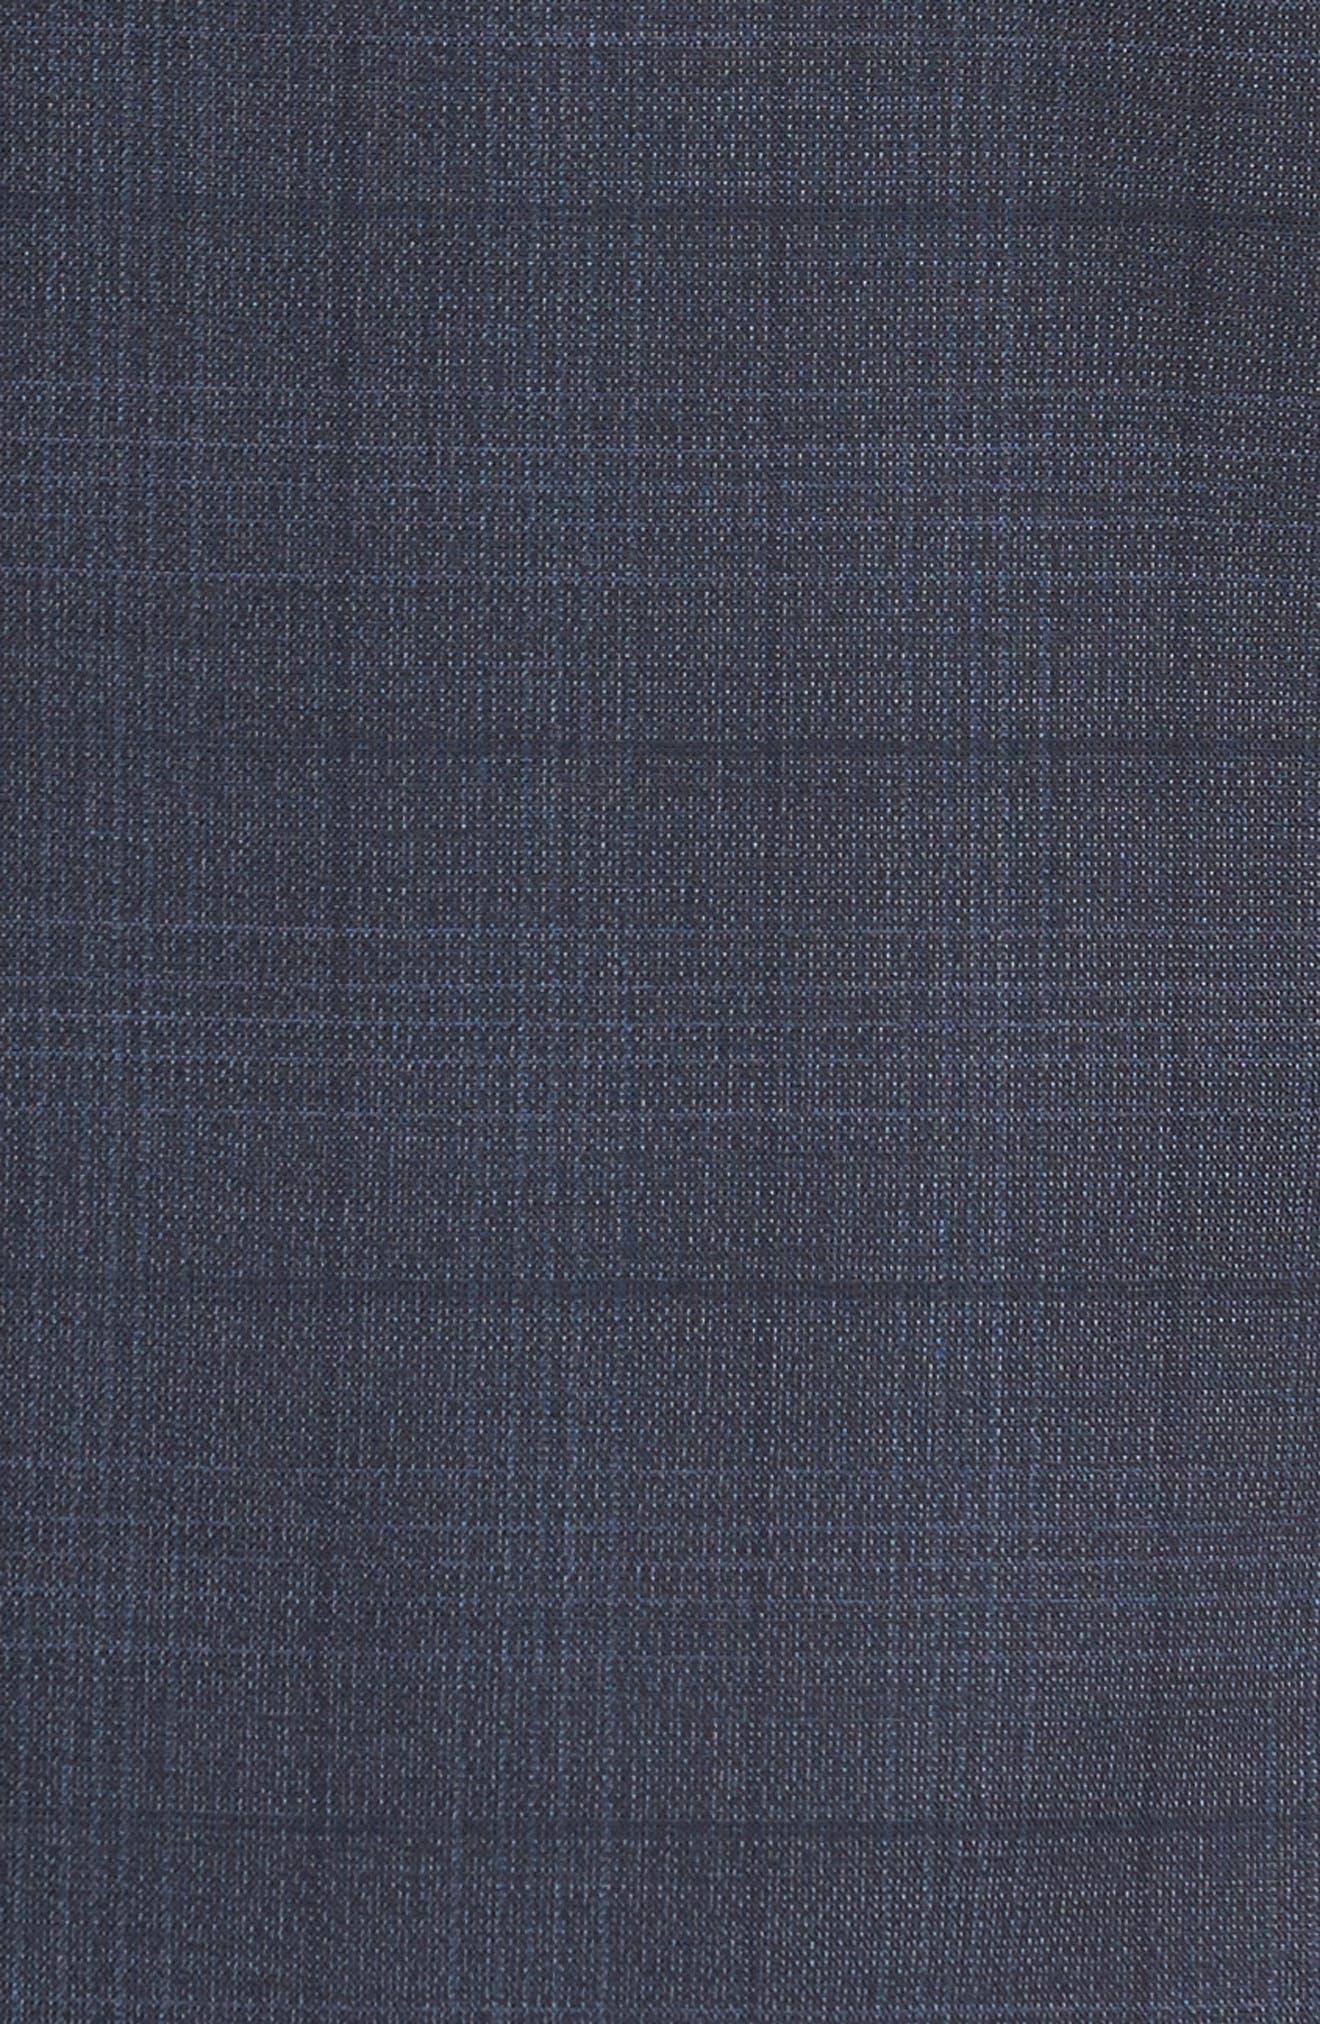 Extra Trim Fit Plaid Wool Suit,                             Alternate thumbnail 6, color,                             Navy Blue